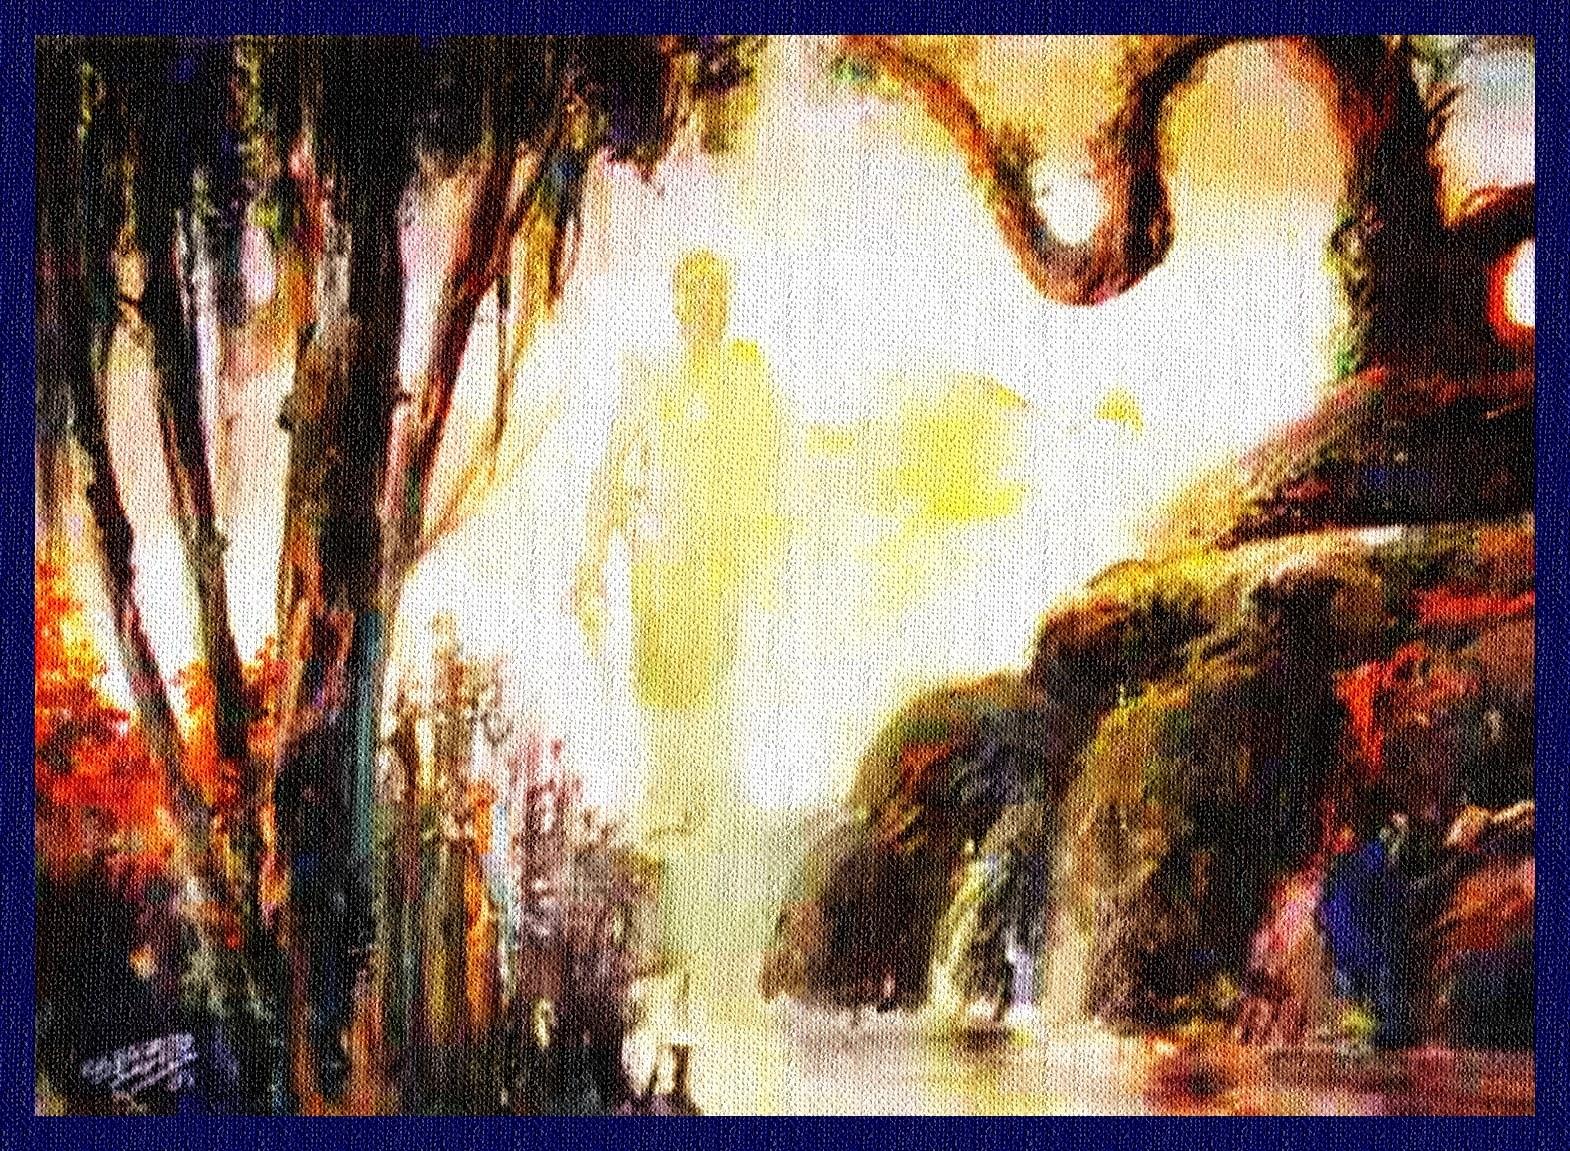 http://www.historia.com.pt/Mensagem/Encoberto/Odesejado.htm